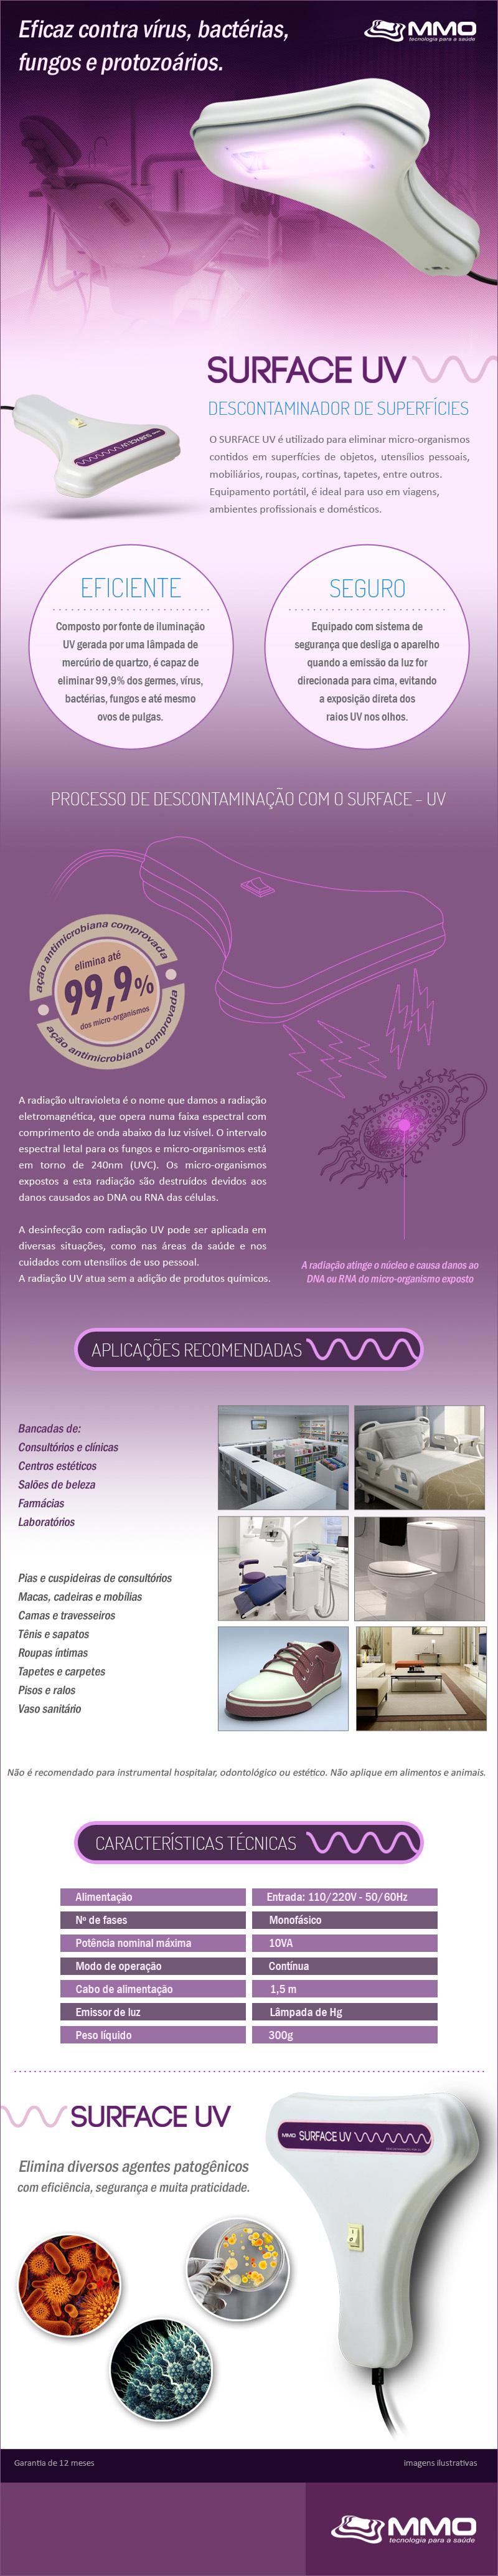 Infográfico do produto Aparelho para Desinfecção de Superfícies Surface UV